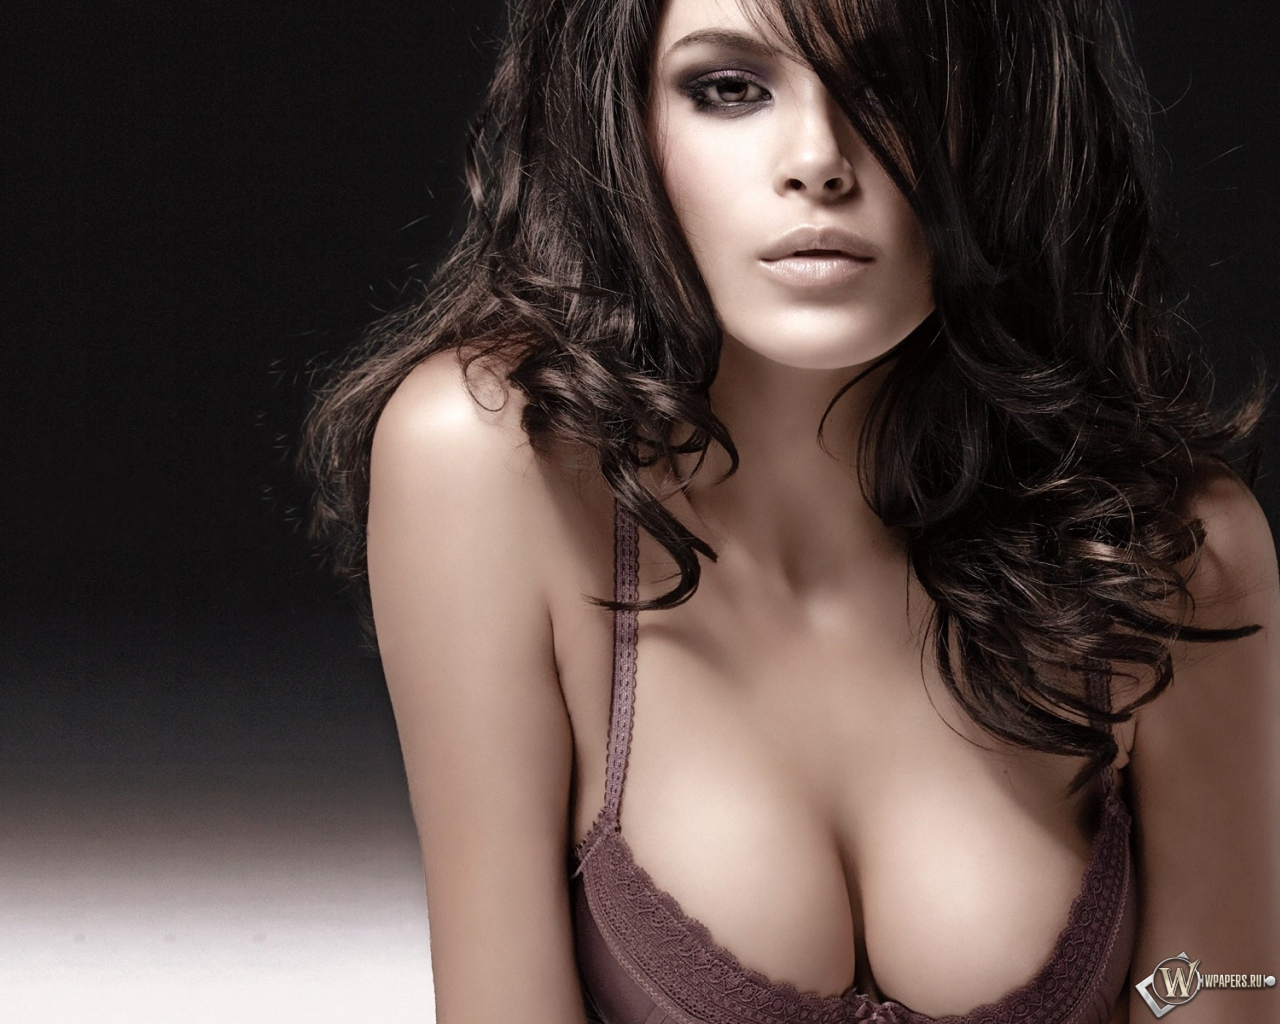 Супермодели с красивой грудью 20 фотография